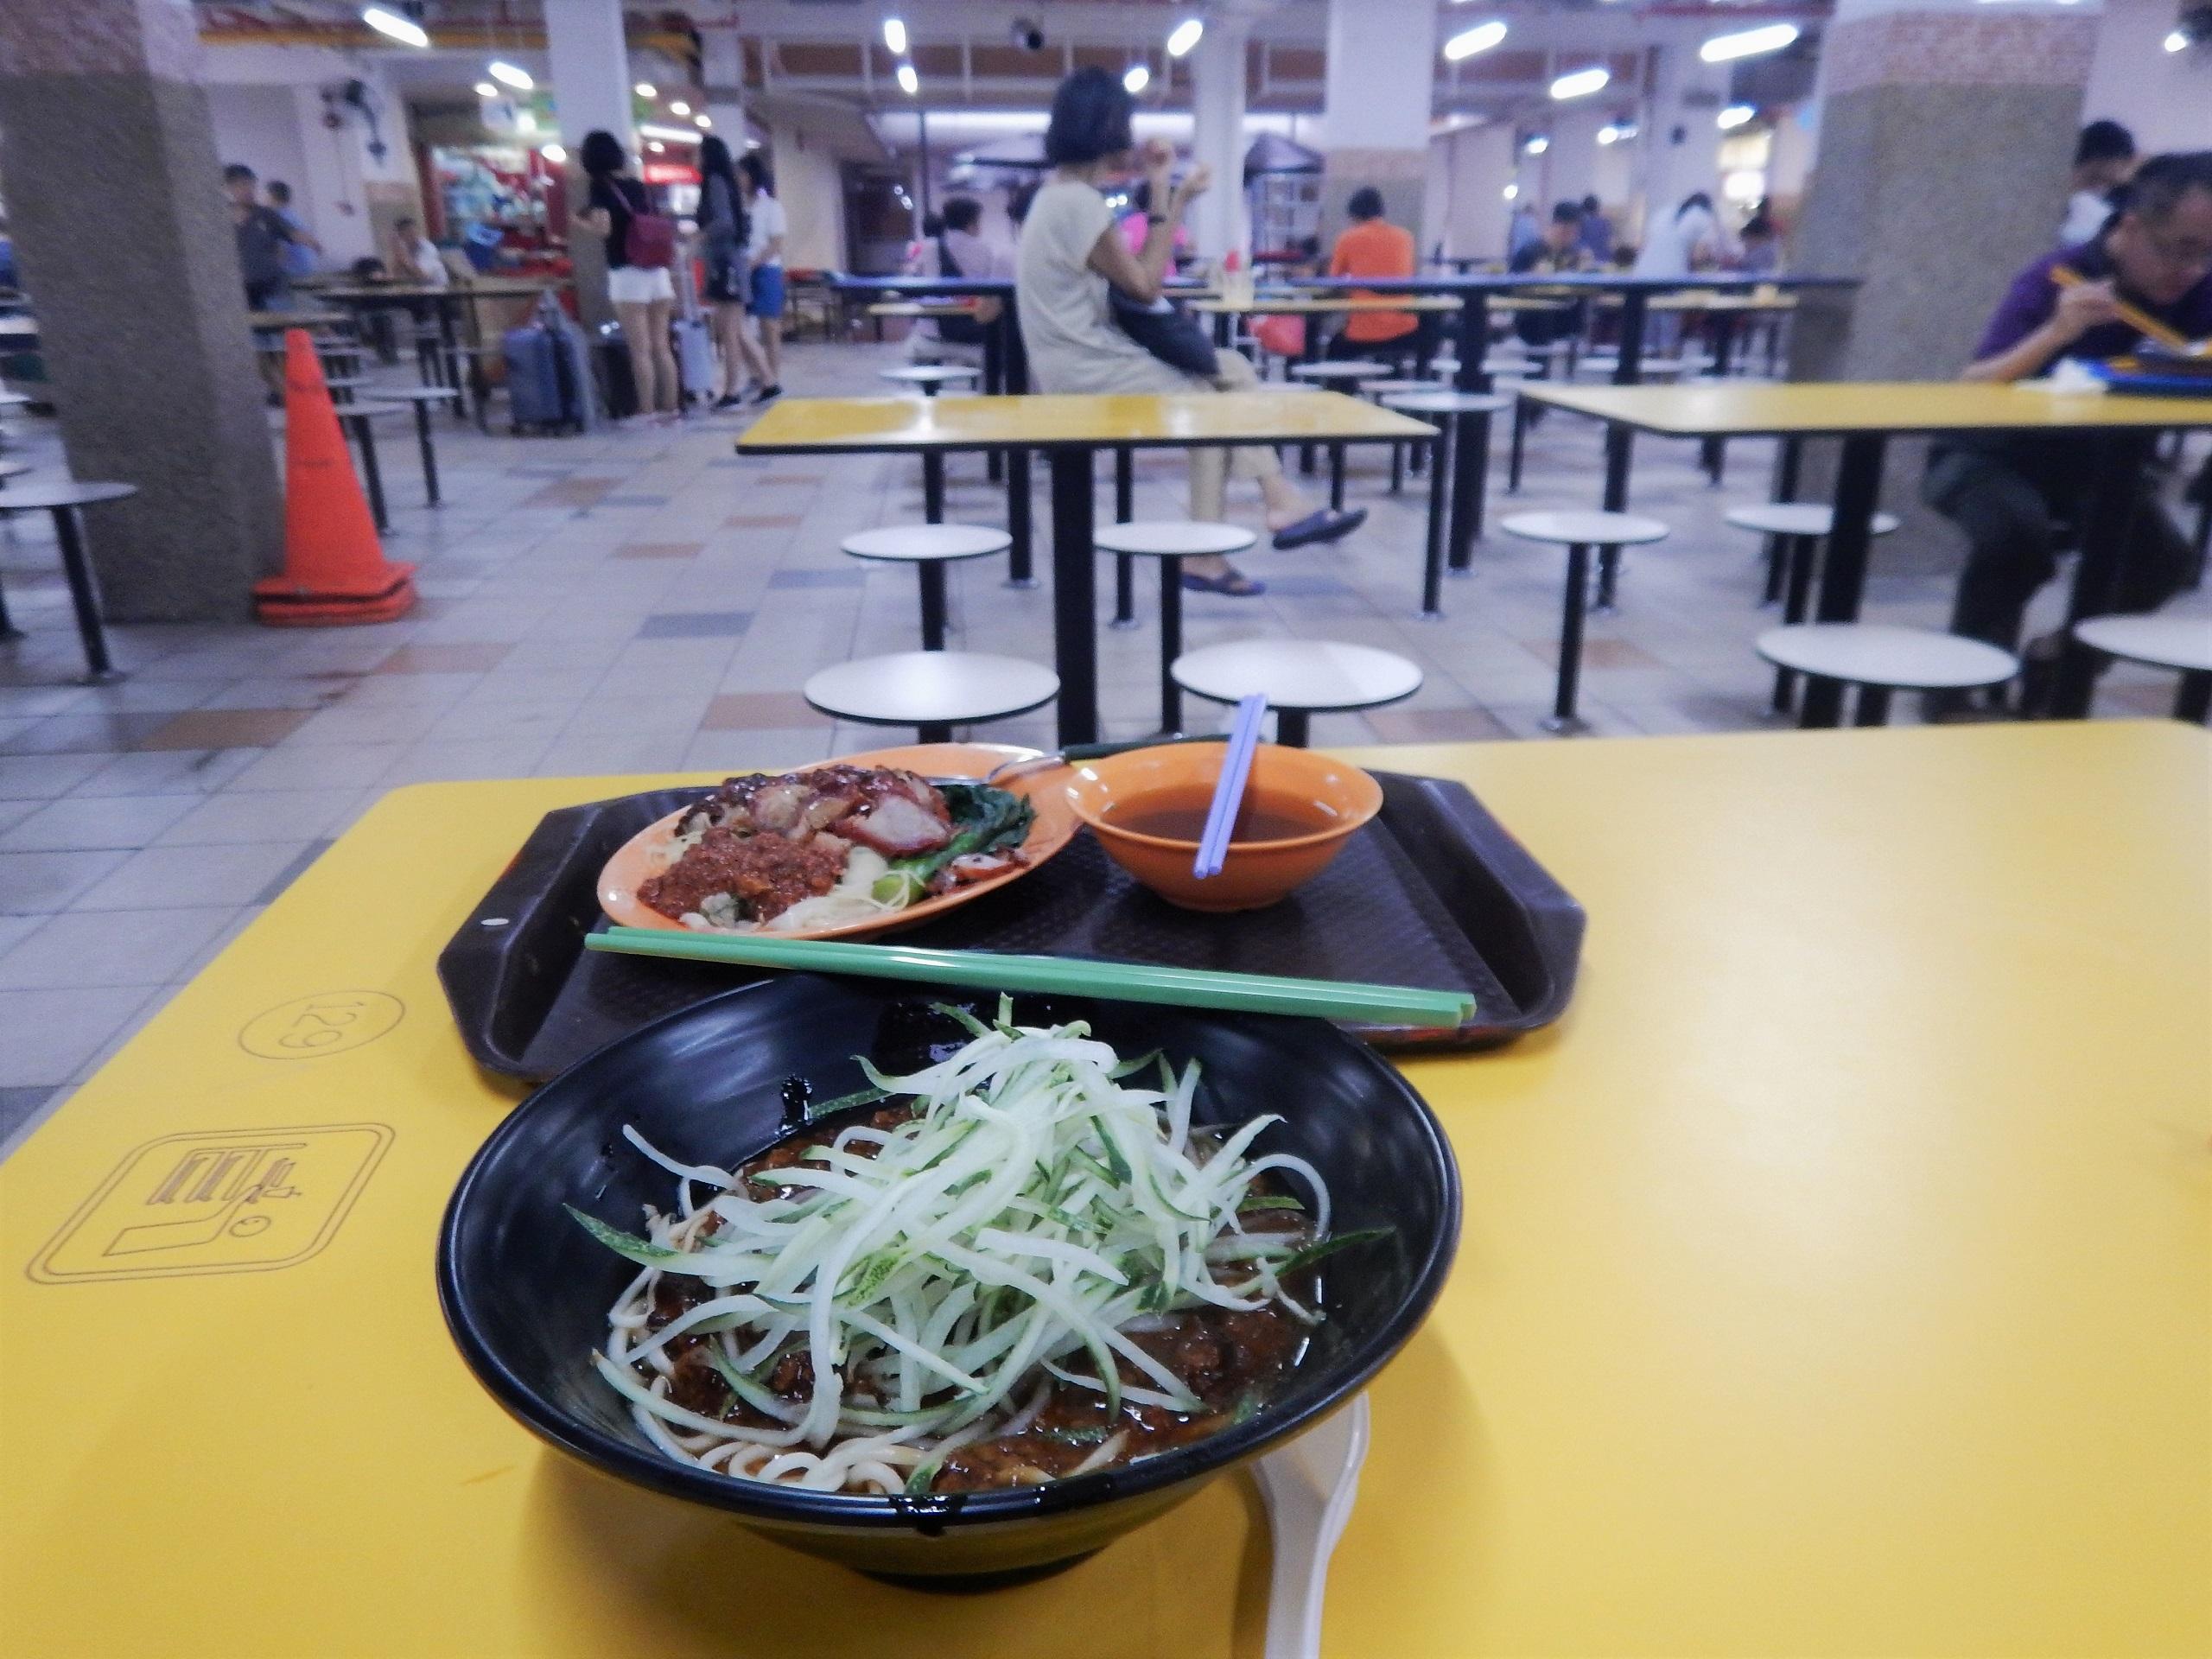 Kuchnia singapurska - kuchnie świata. Autorka zdjęcia: Emilia S.